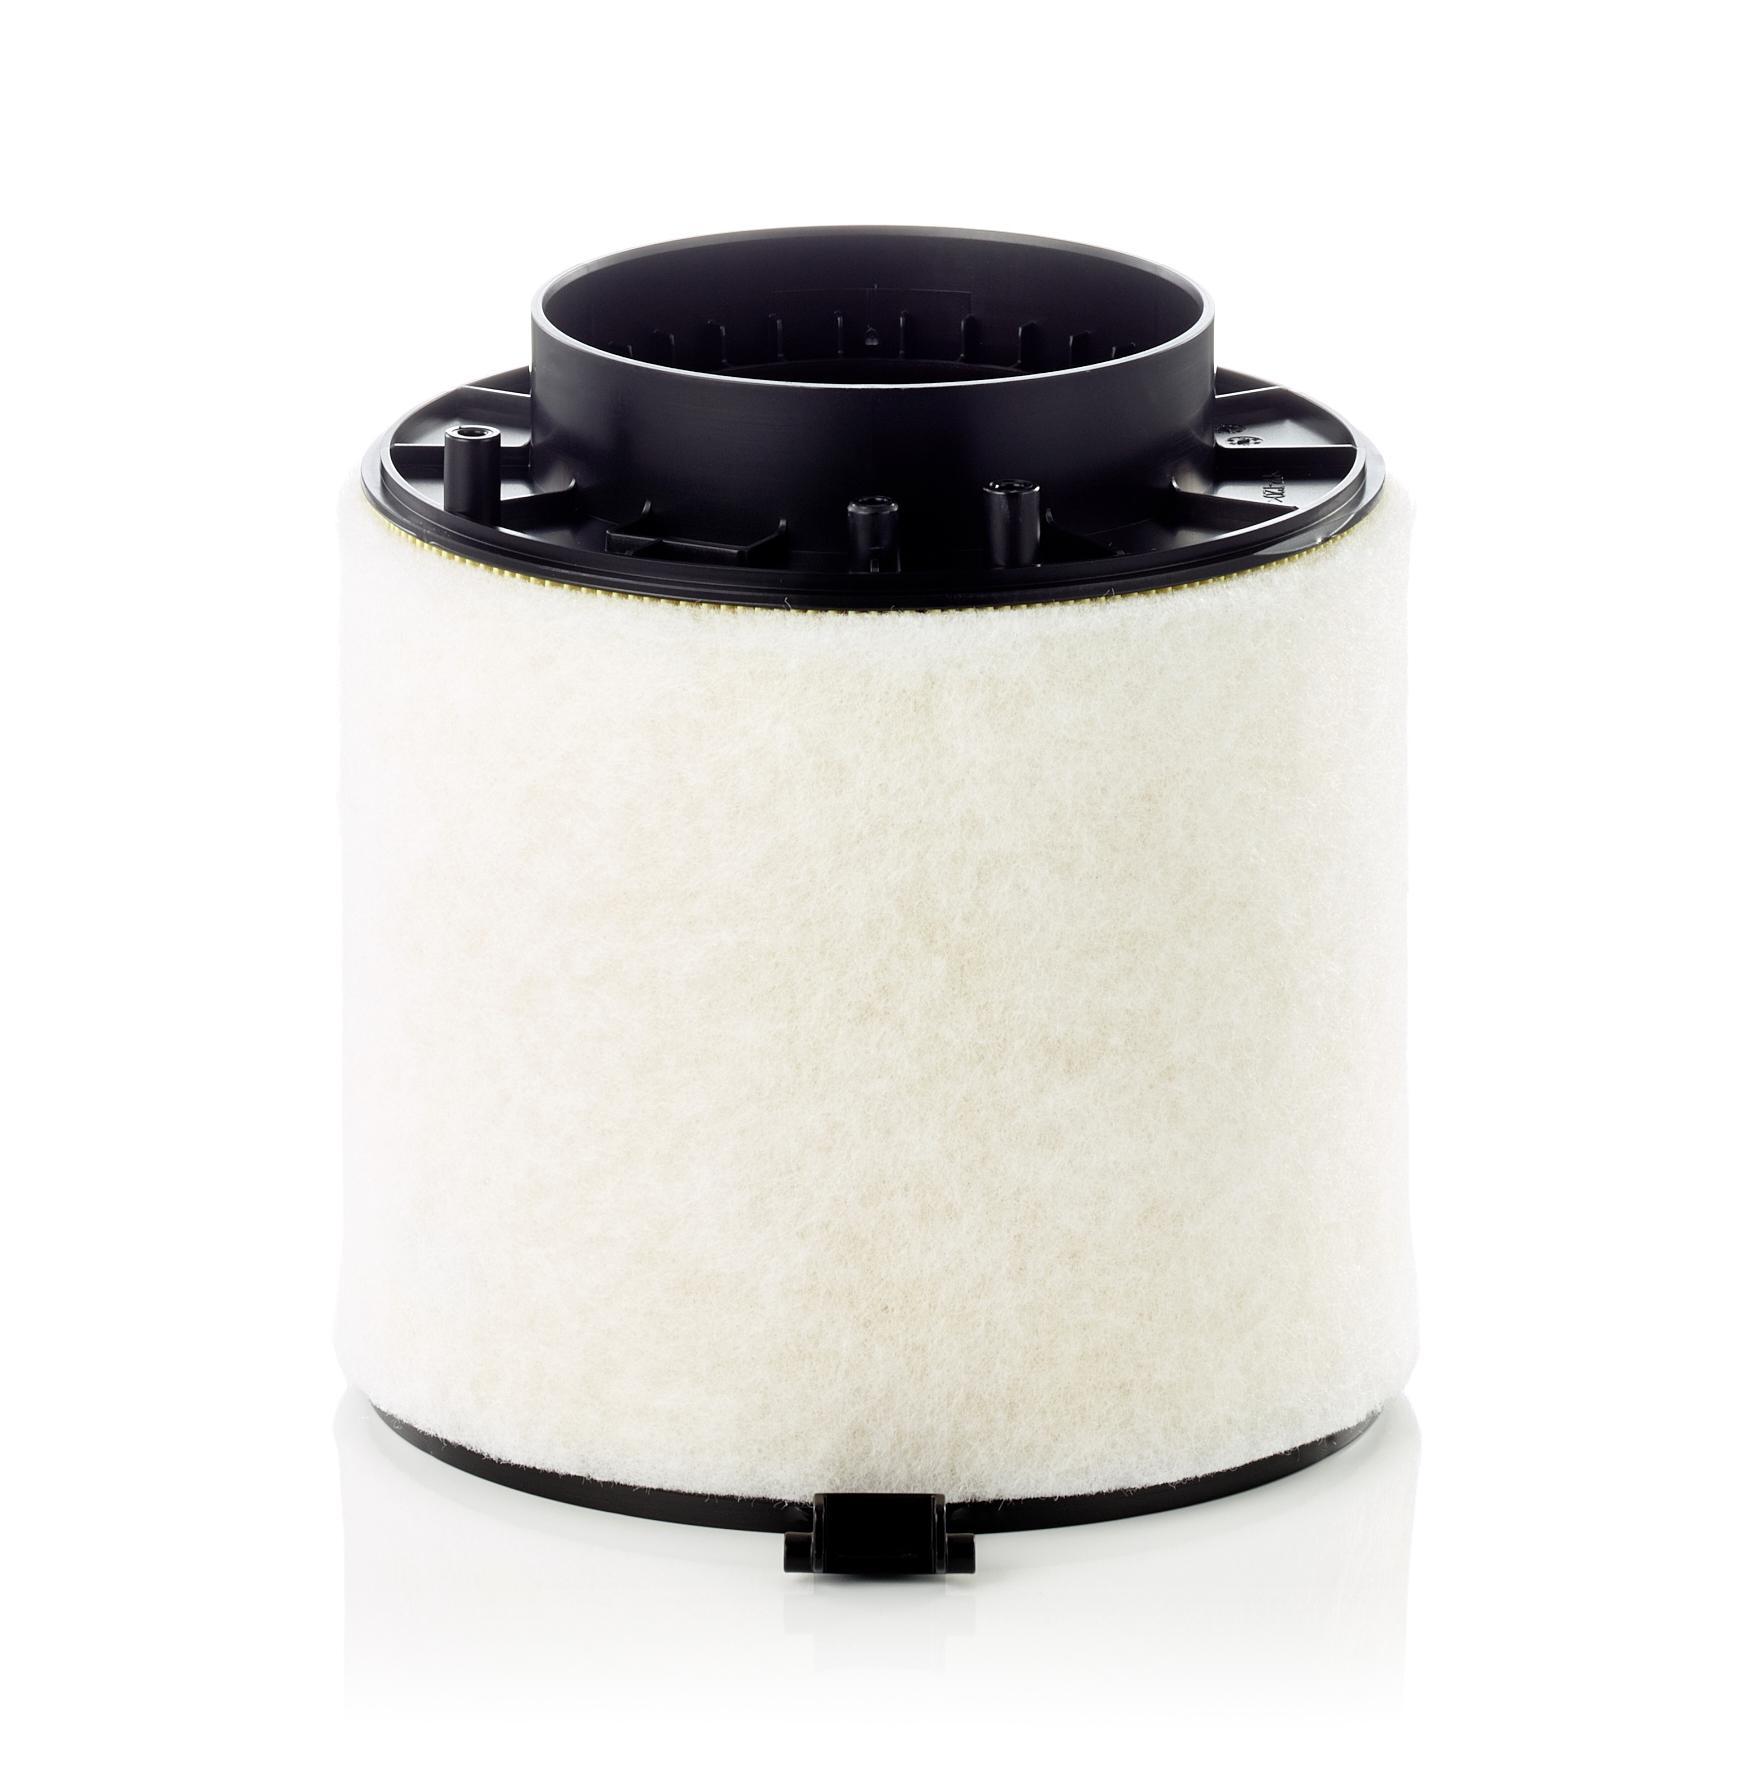 AUDI A4 2017 Luftfiltereinsatz - Original MANN-FILTER C 16 114/1 x Höhe: 168mm